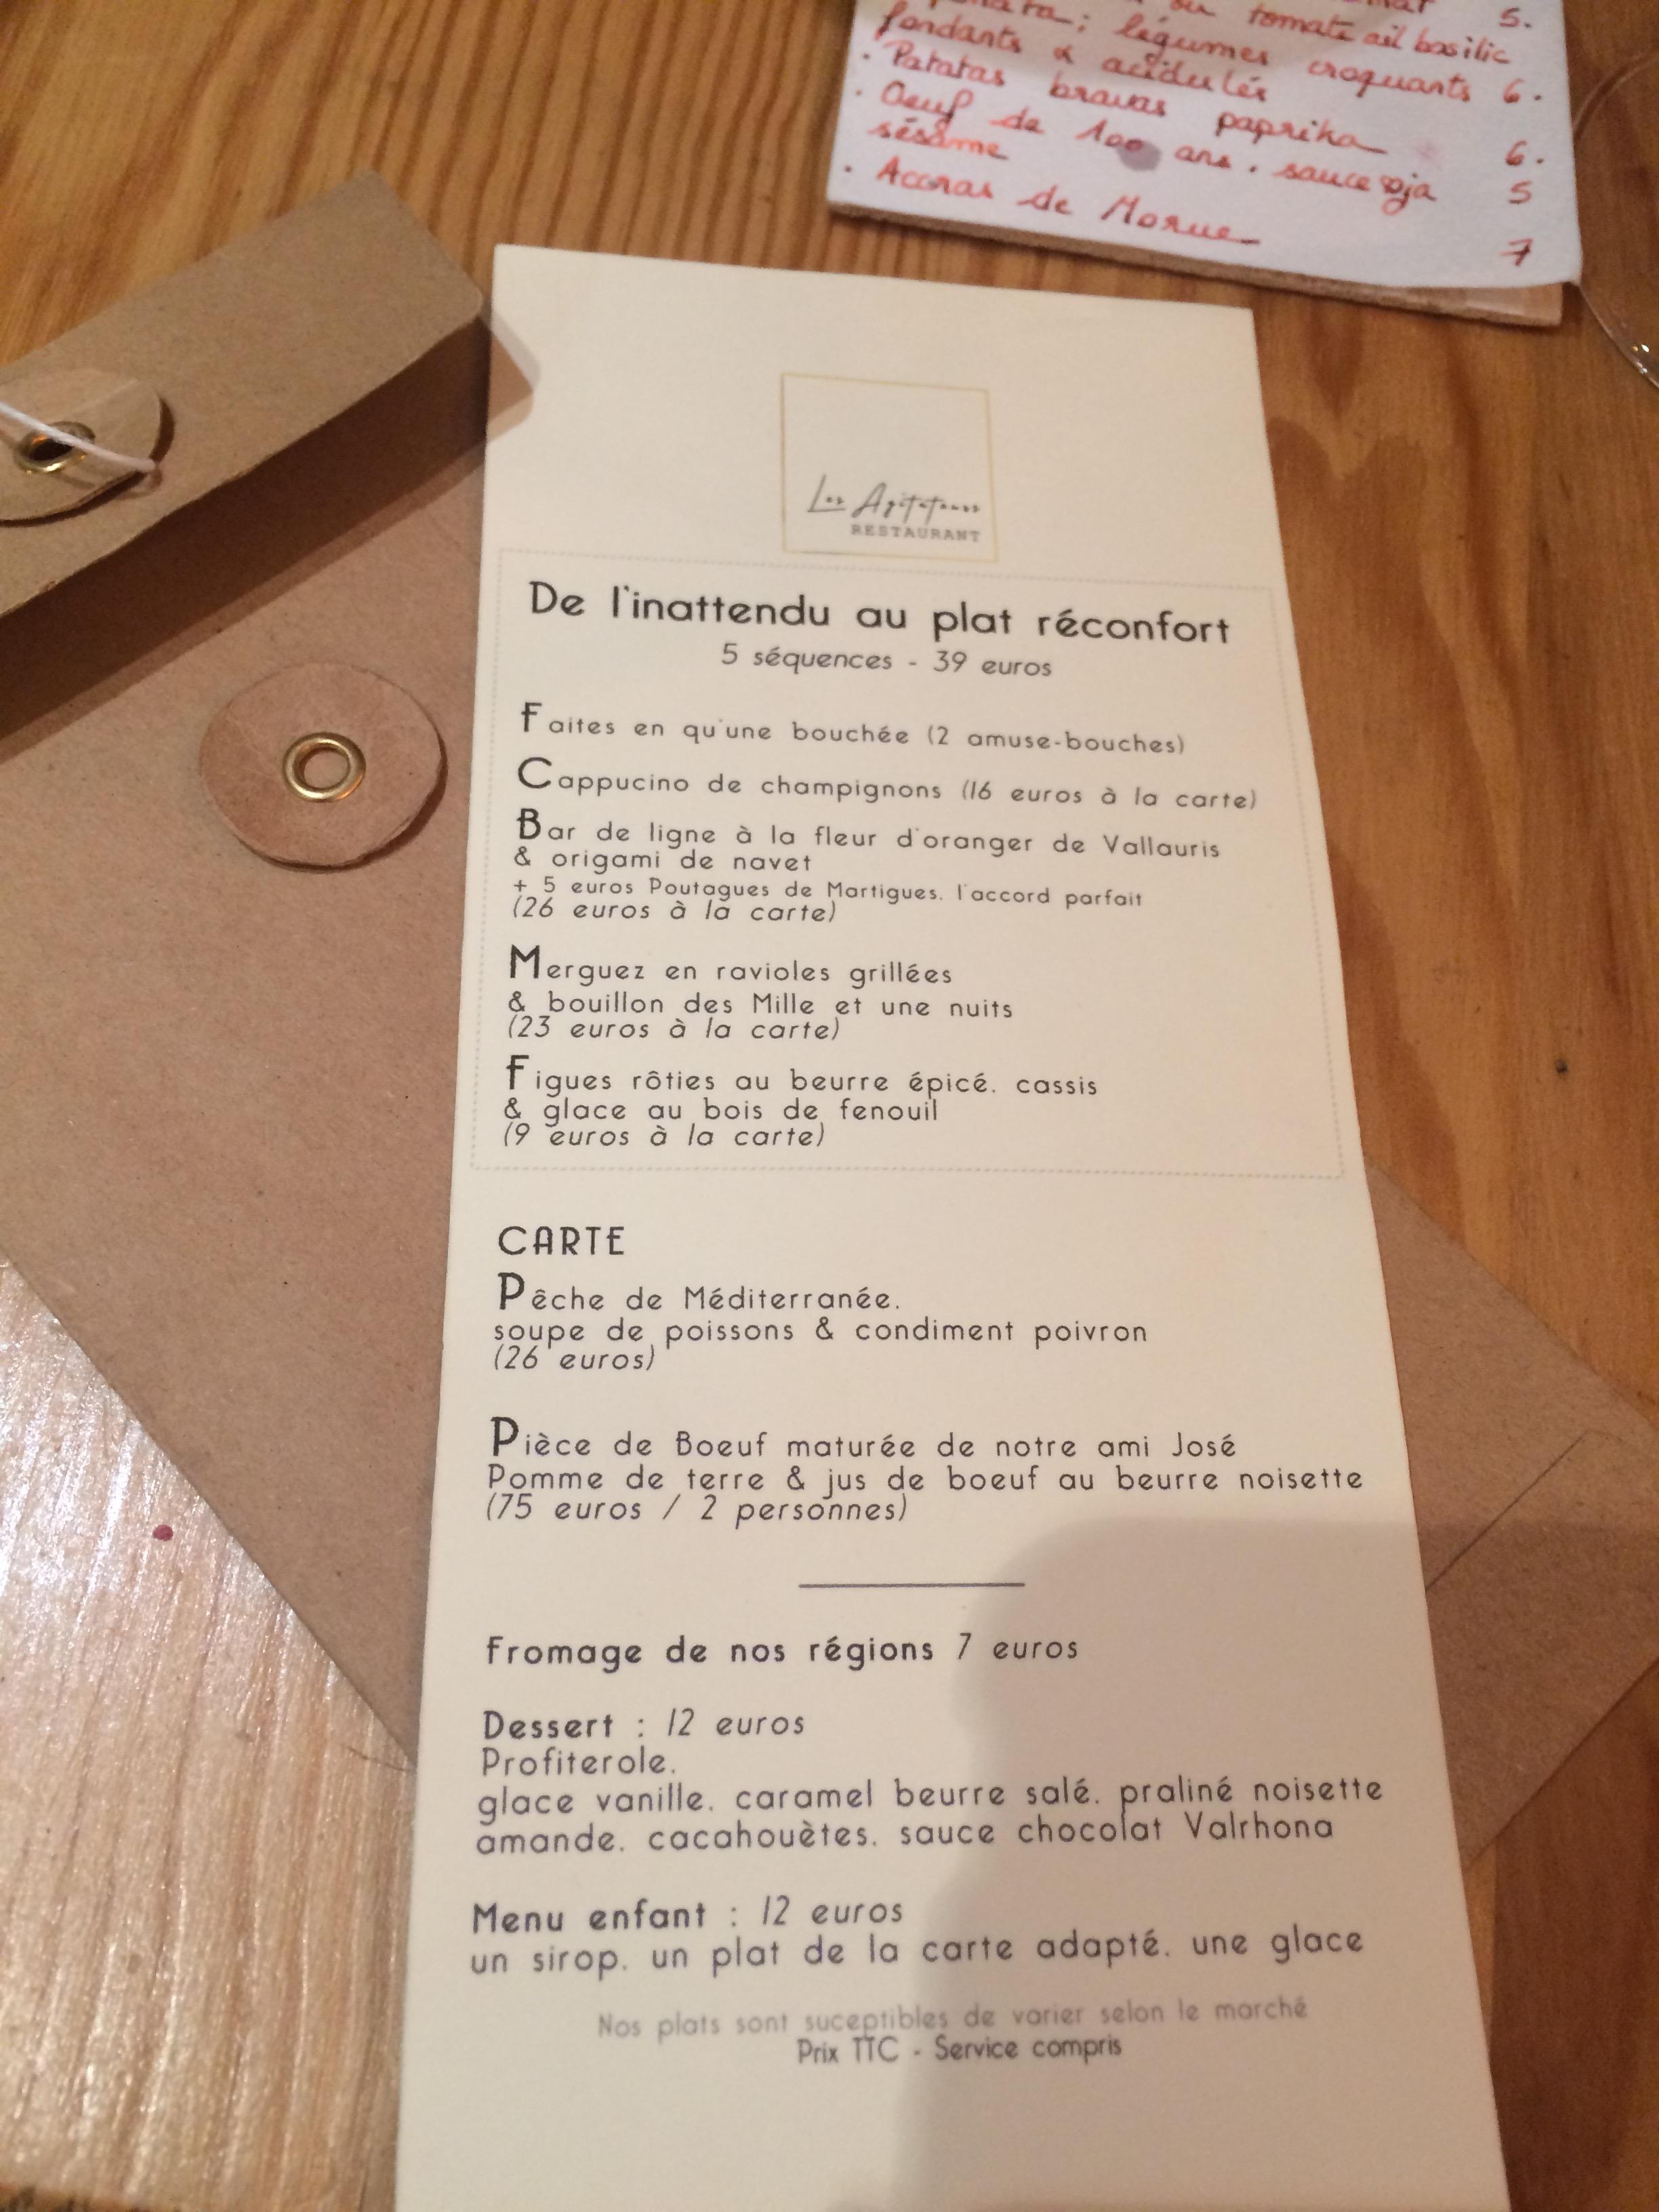 Tasting menu at Les Agitateurs,